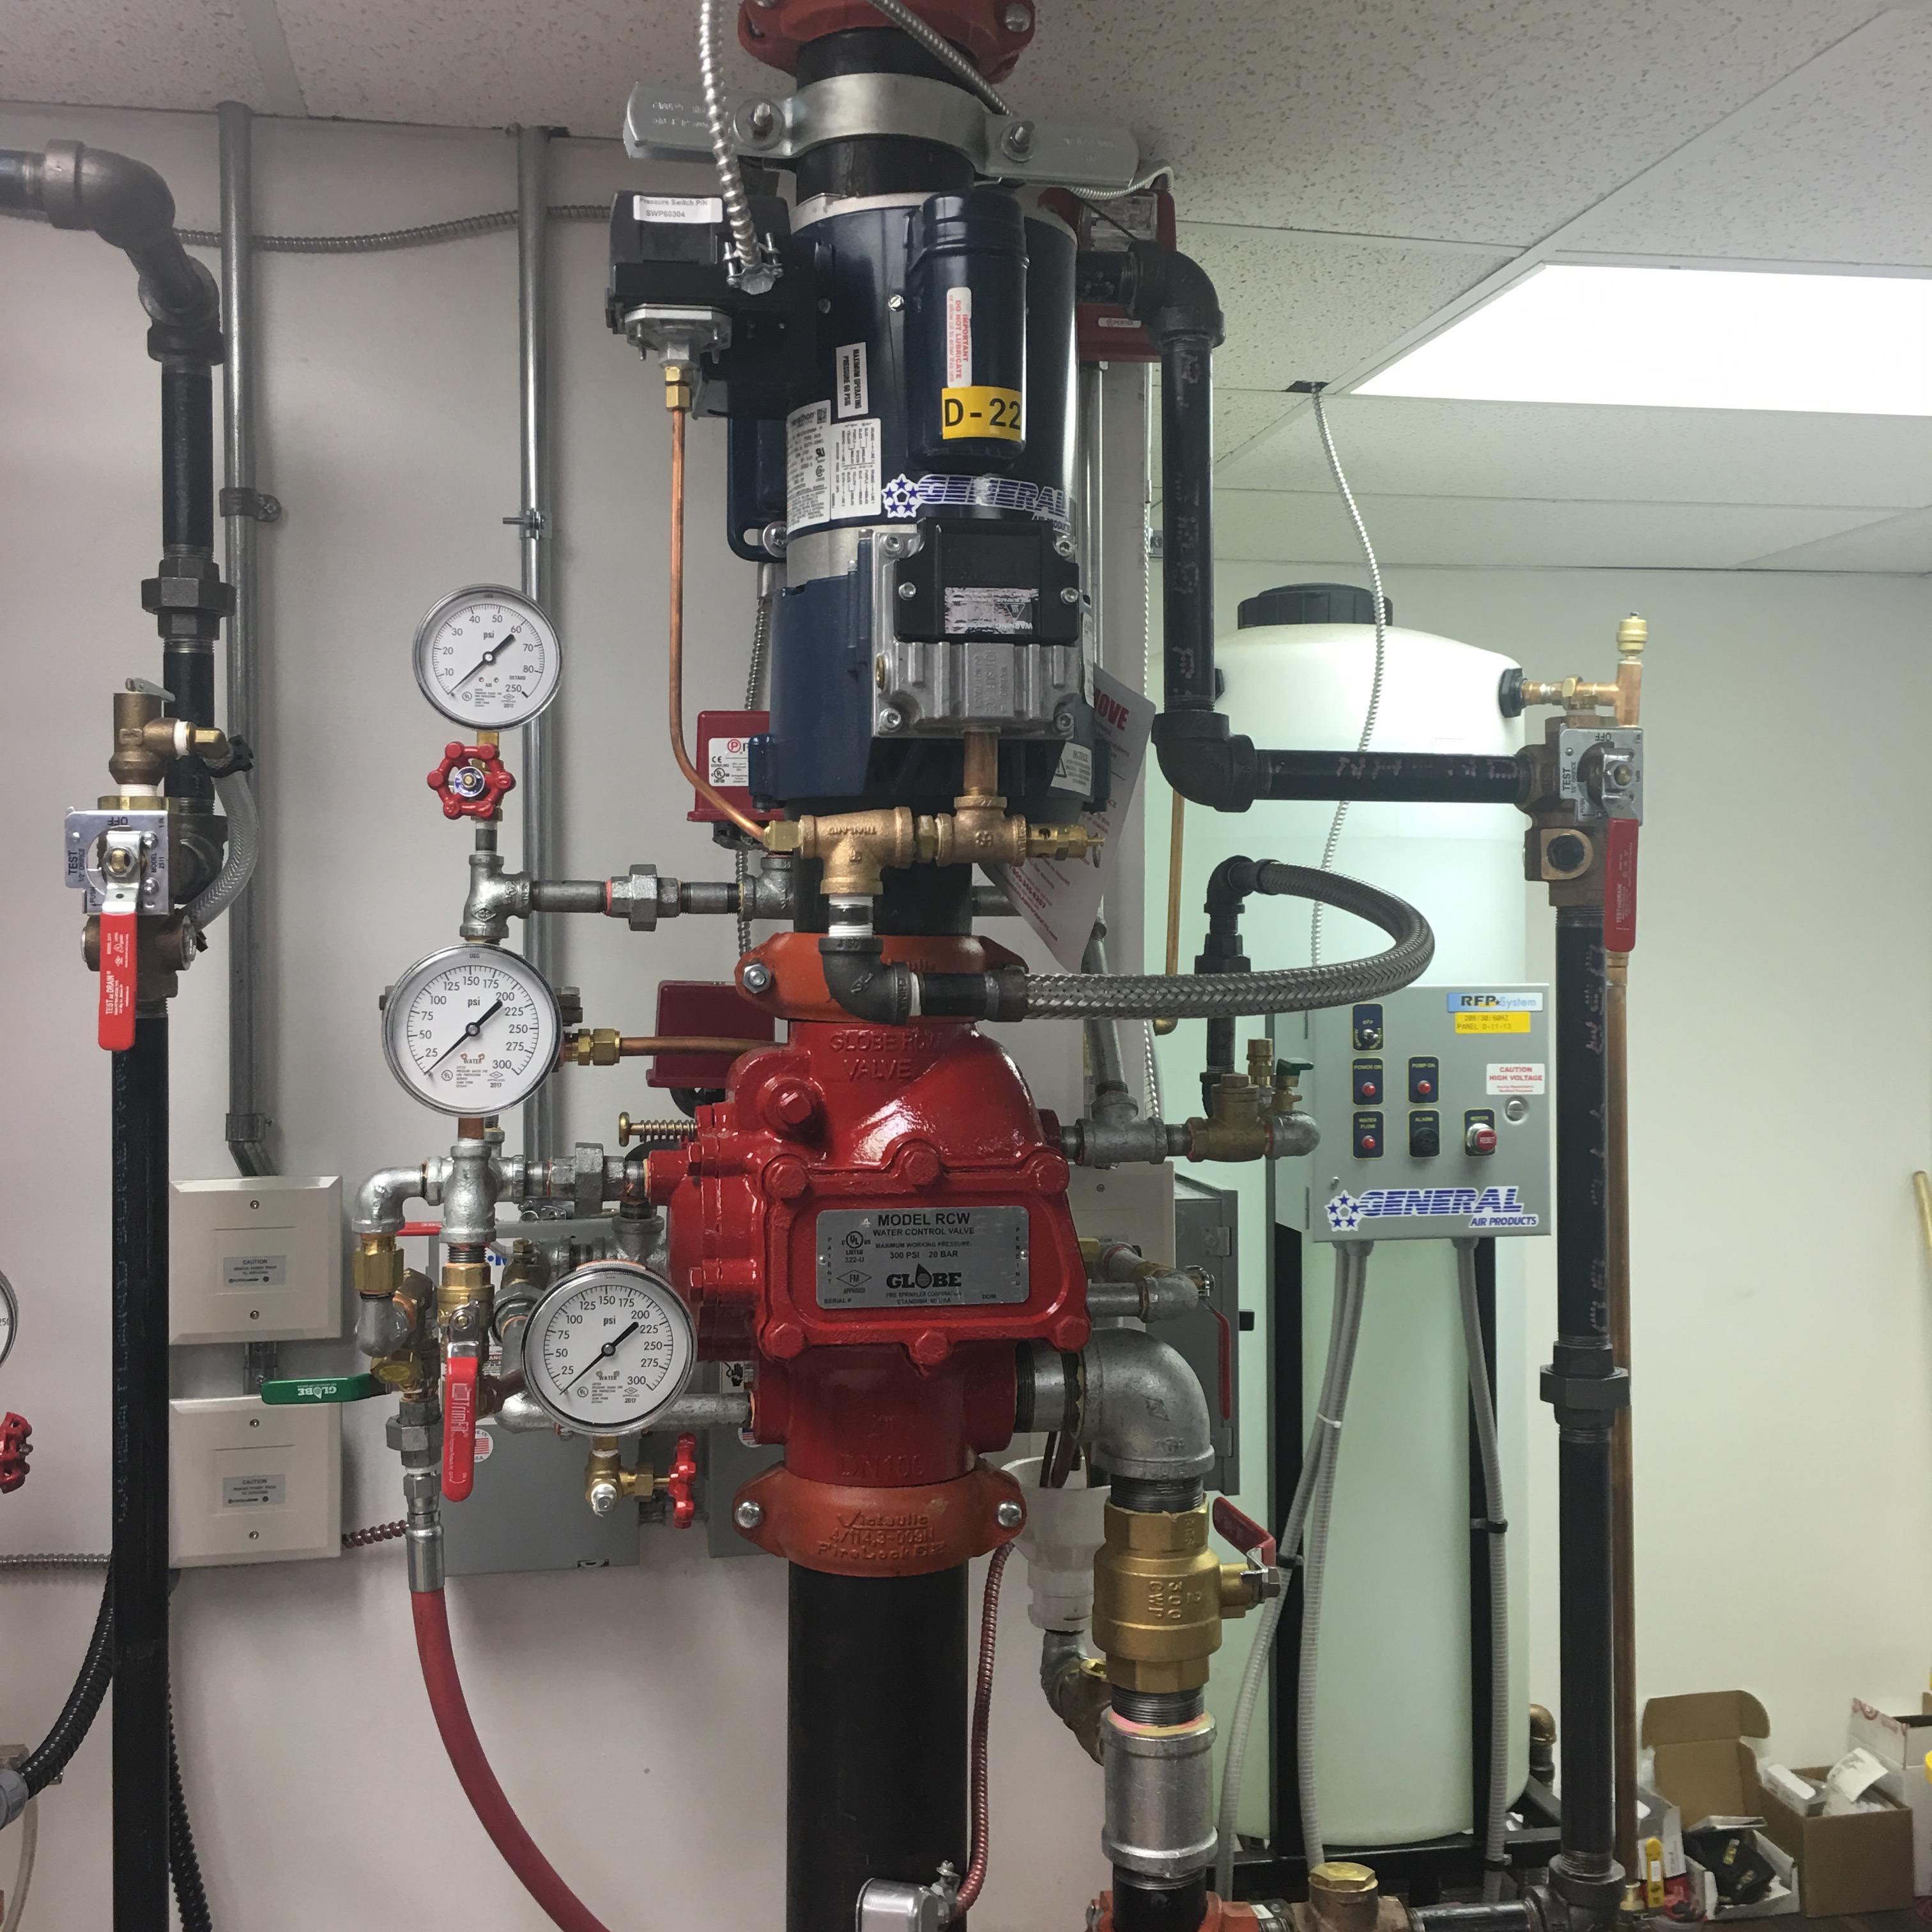 Fire Sprinkler Testing General Air